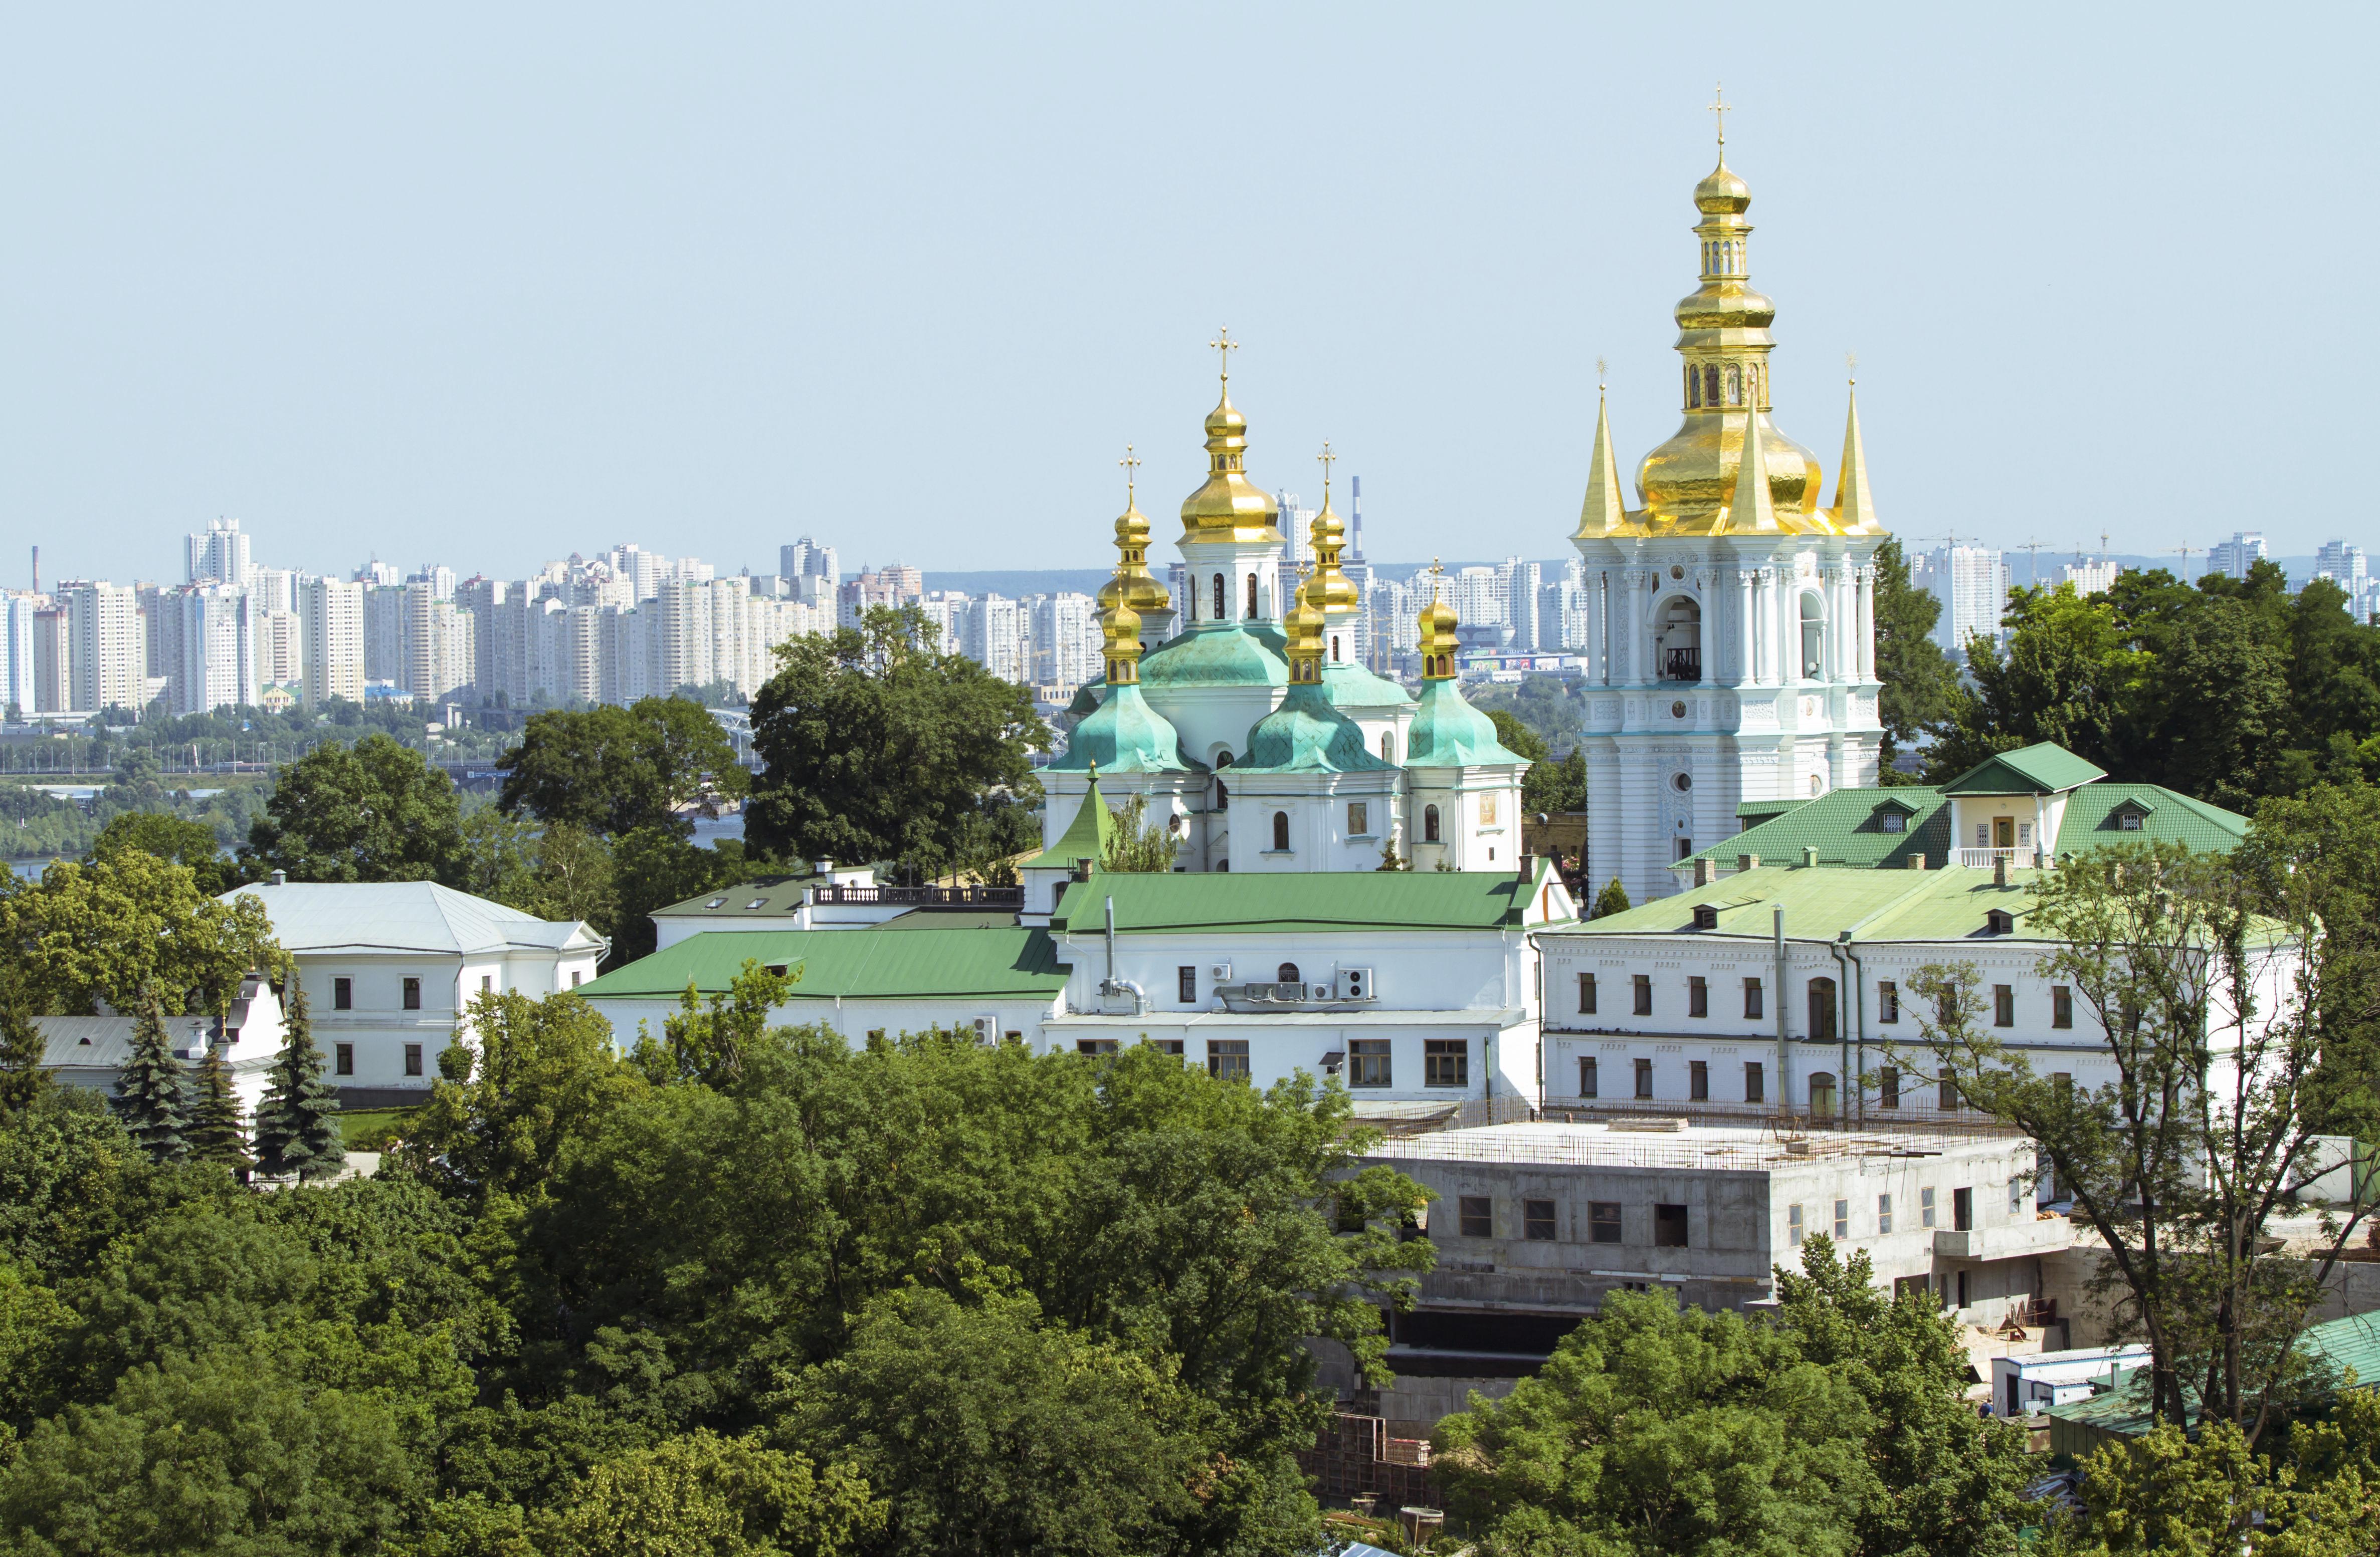 Kiev İsrail Büyükelçiliği: Nerede ve nasıl gidilir